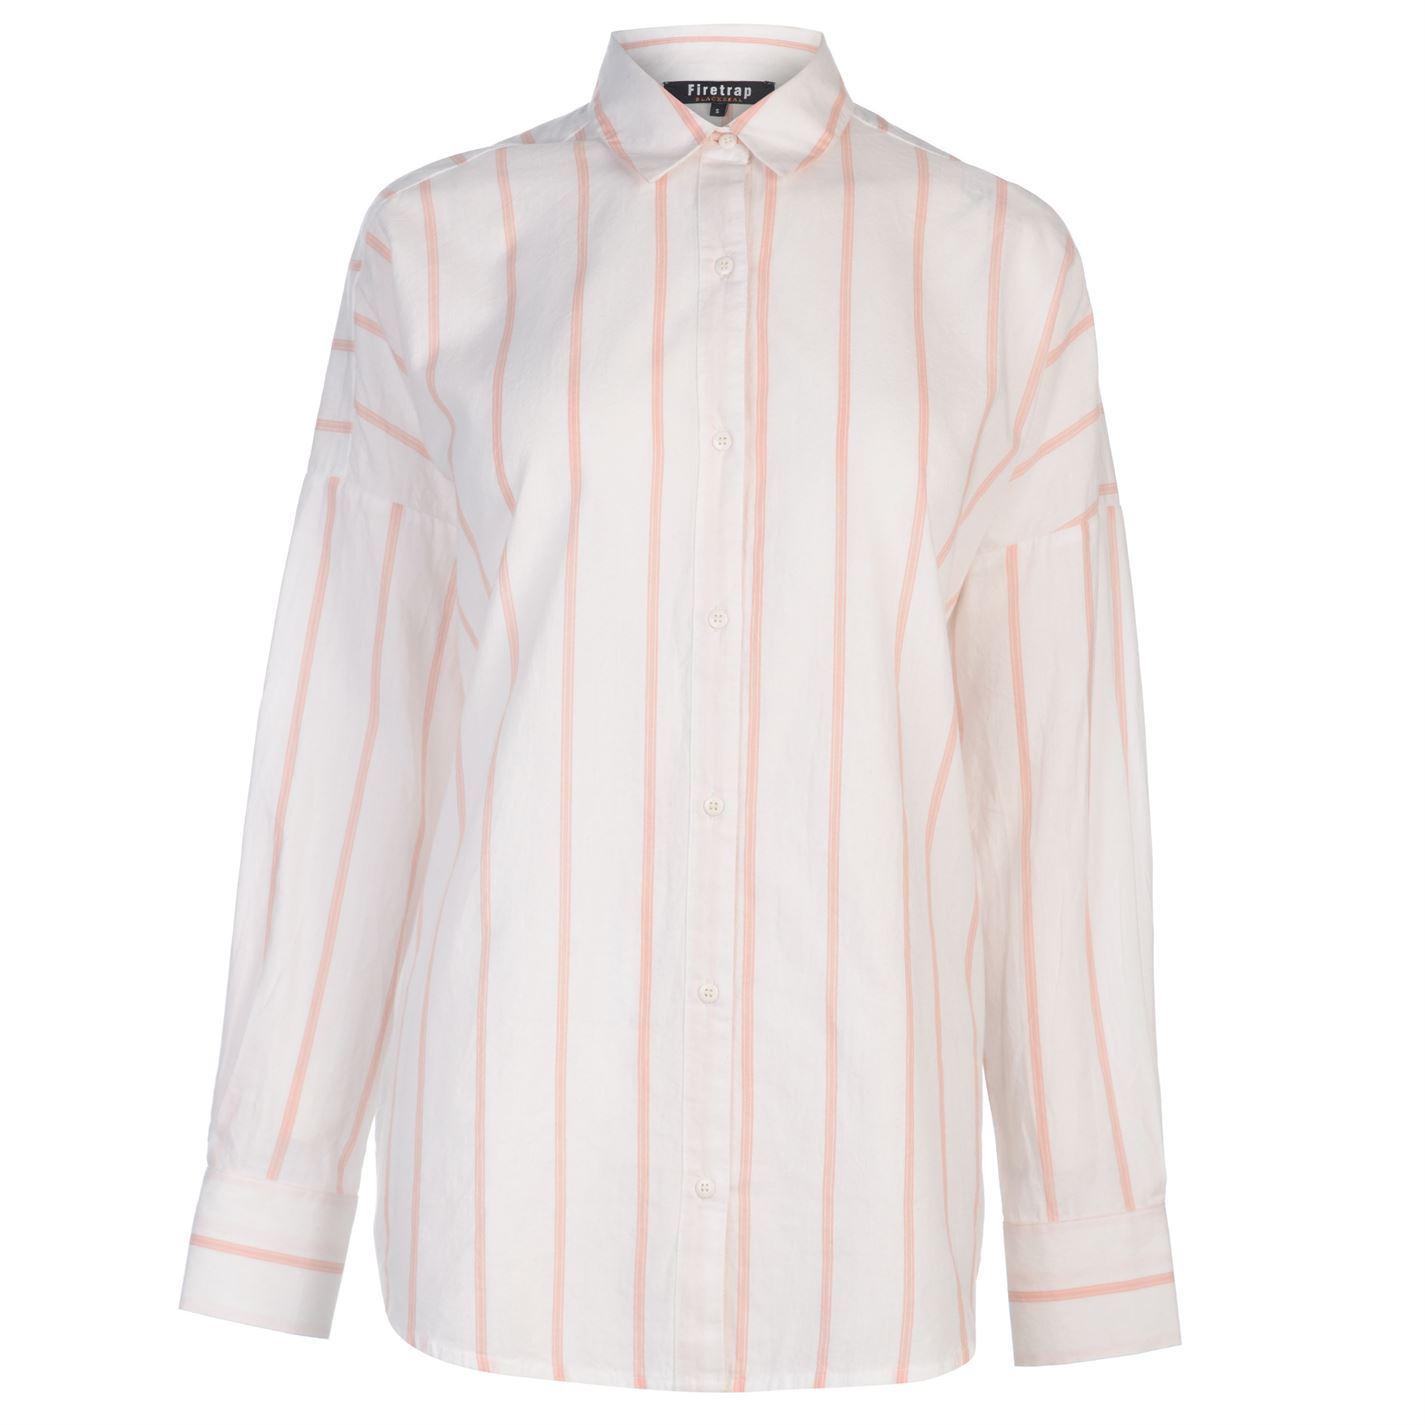 Firetrap-Womens-Blackseal-Stripe-Shirt-Long-Sleeve-Casual-Lightweight-Cotton